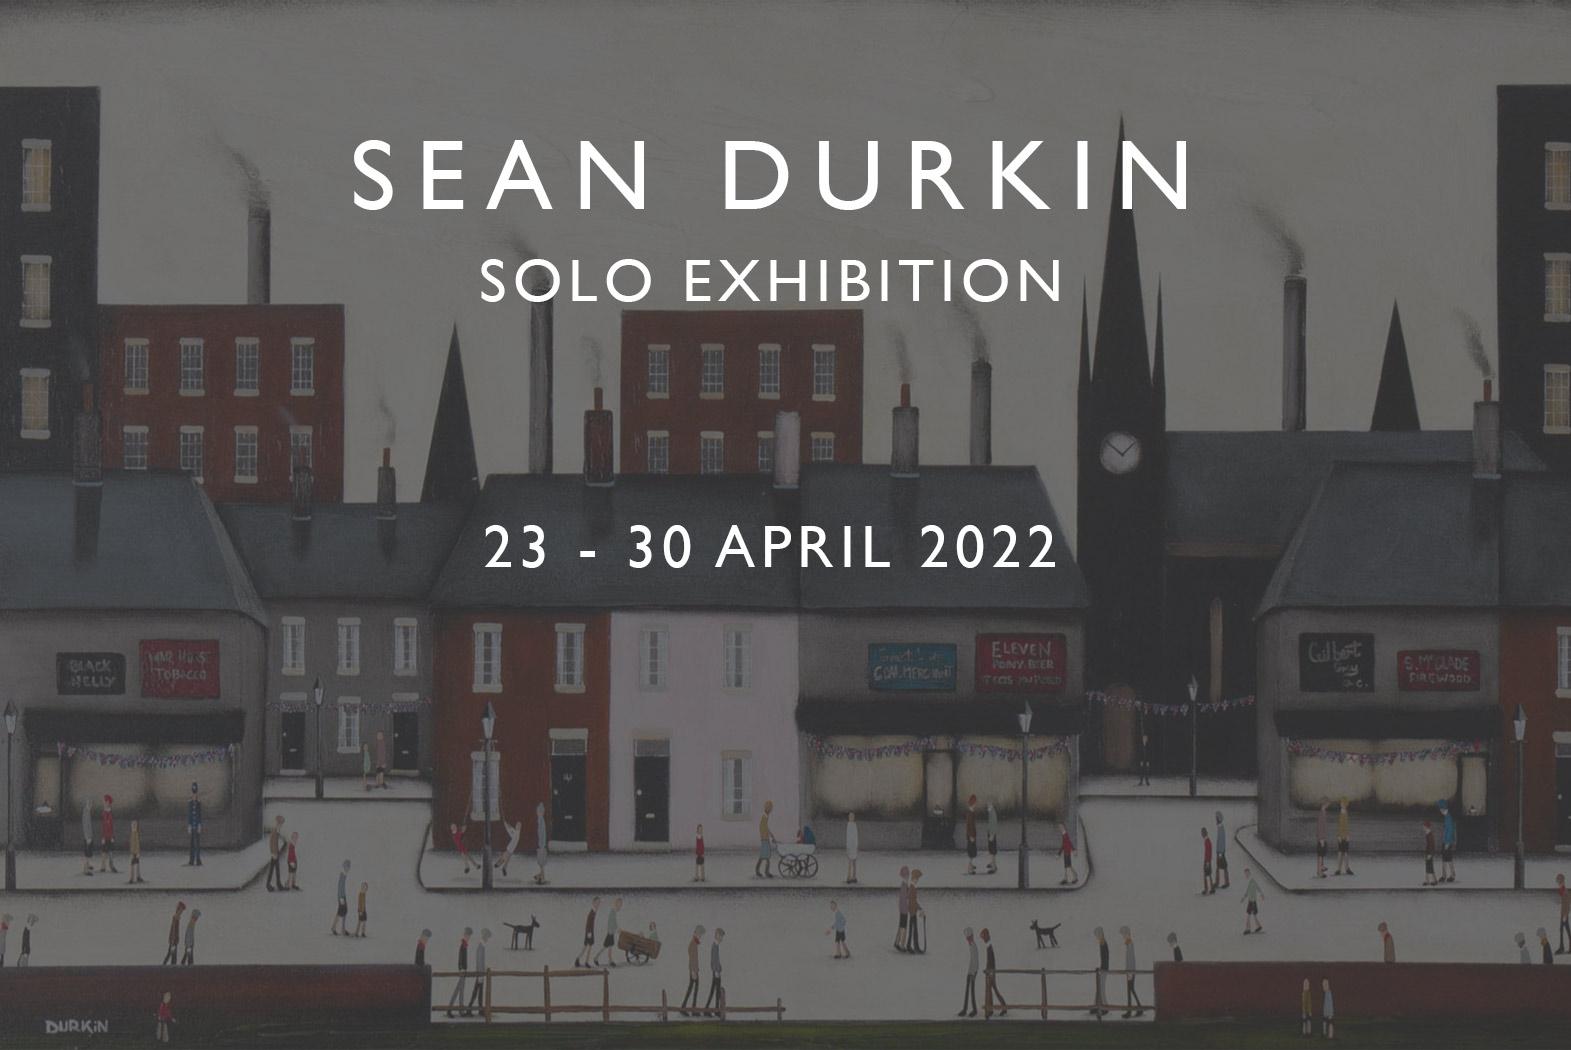 Sean Durkin Exhibition